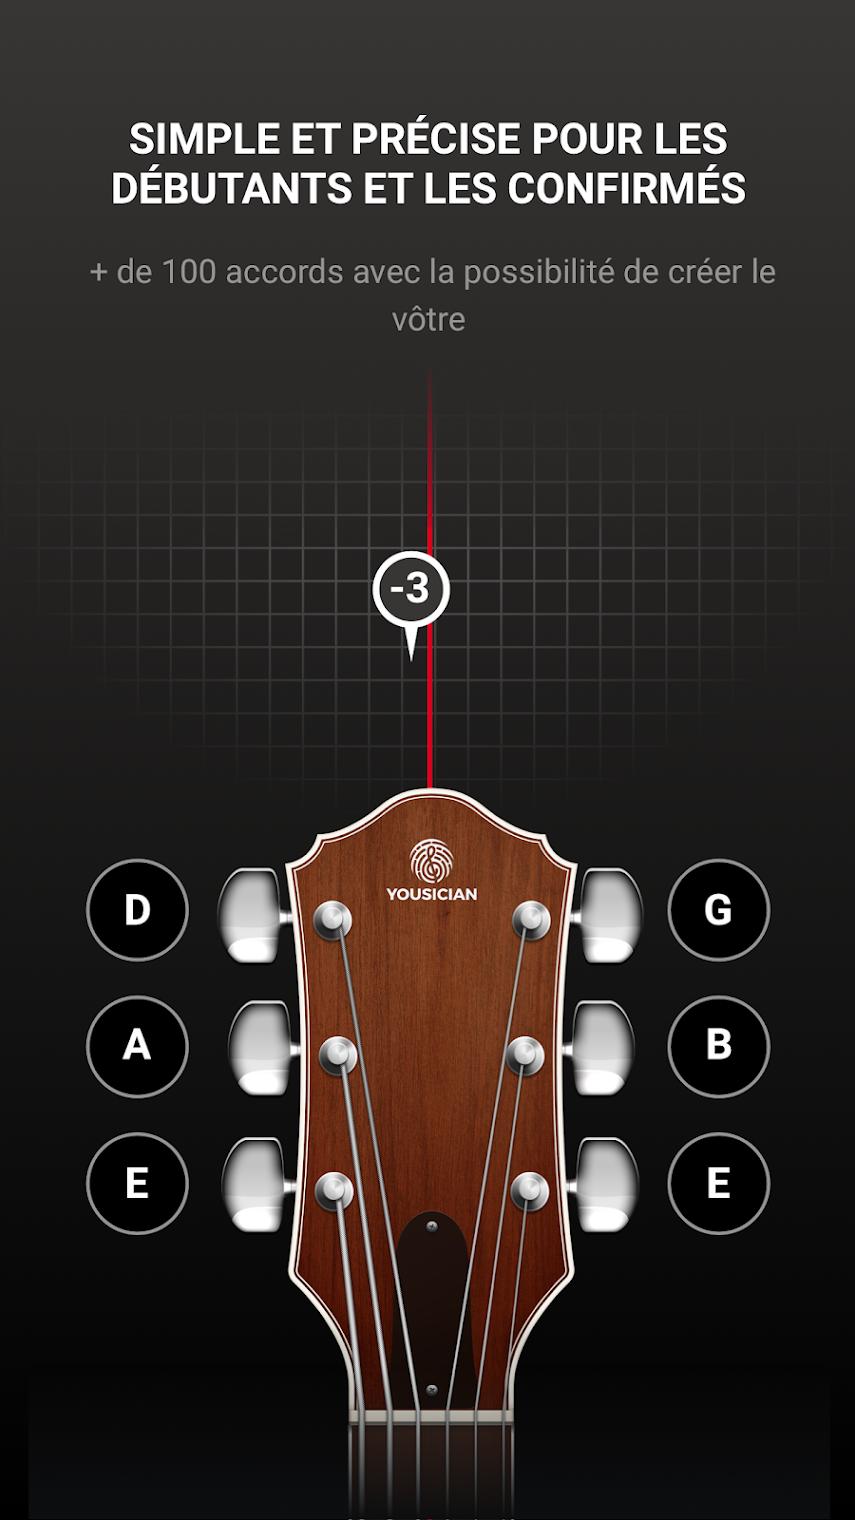 Une application pour s'accorder et jouer en rythme : GuitarTuna